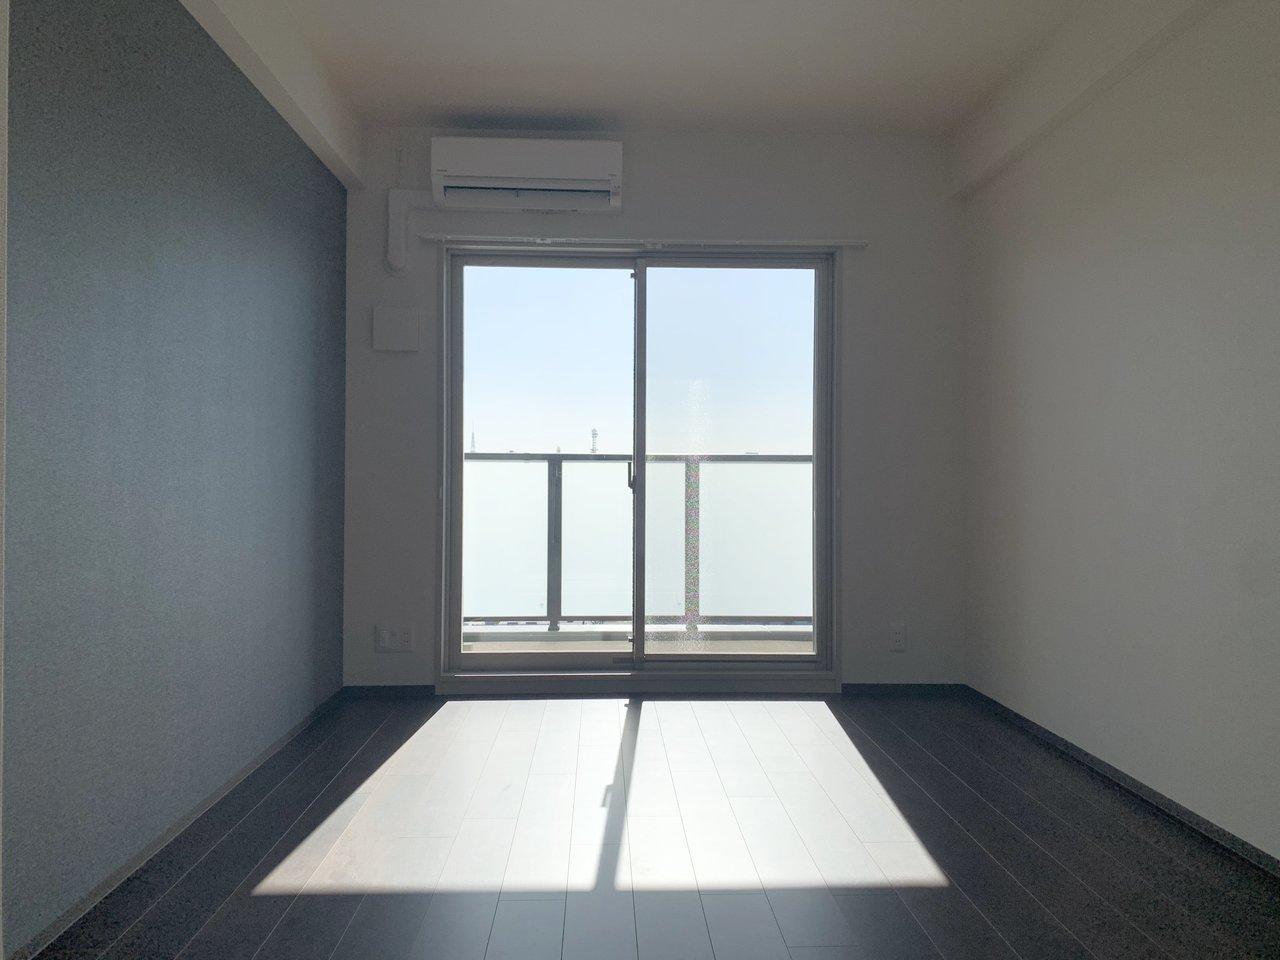 """お部屋はシンプルな1Kタイプ。派手すぎなず、暗すぎない、シックな壁紙もいい感じ。2019年に建てられた築浅物件なので、""""綺麗""""が絶対条件の人にはぜひおすすめしたいお部屋です。"""